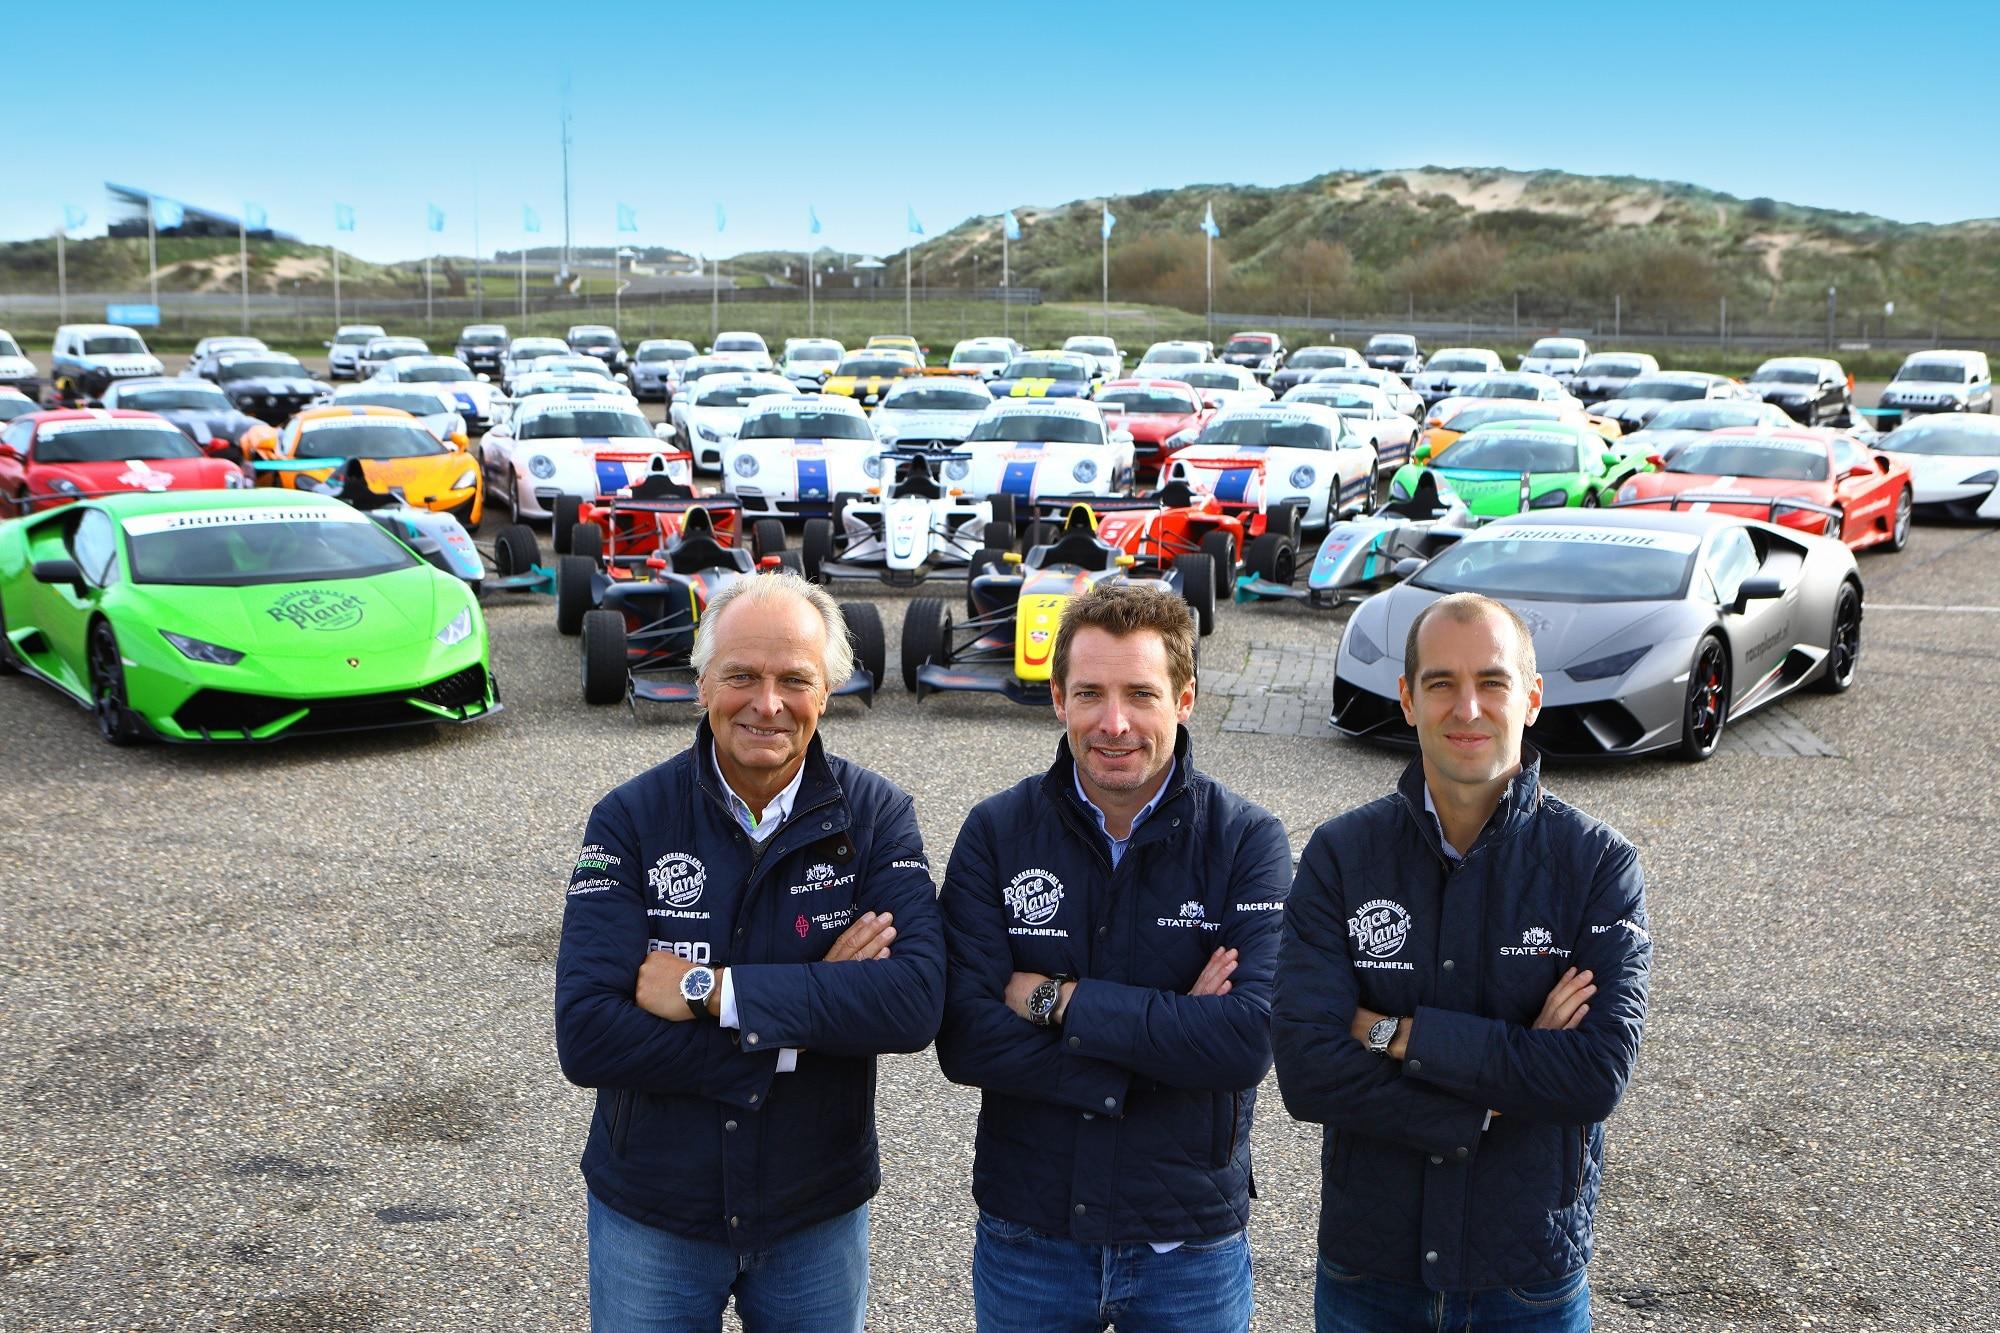 Michael, Sebastiaan en Jeroen Bleekemolen staan voor het wagenpark met supercars van Race Planet op Circuit Zandvoort